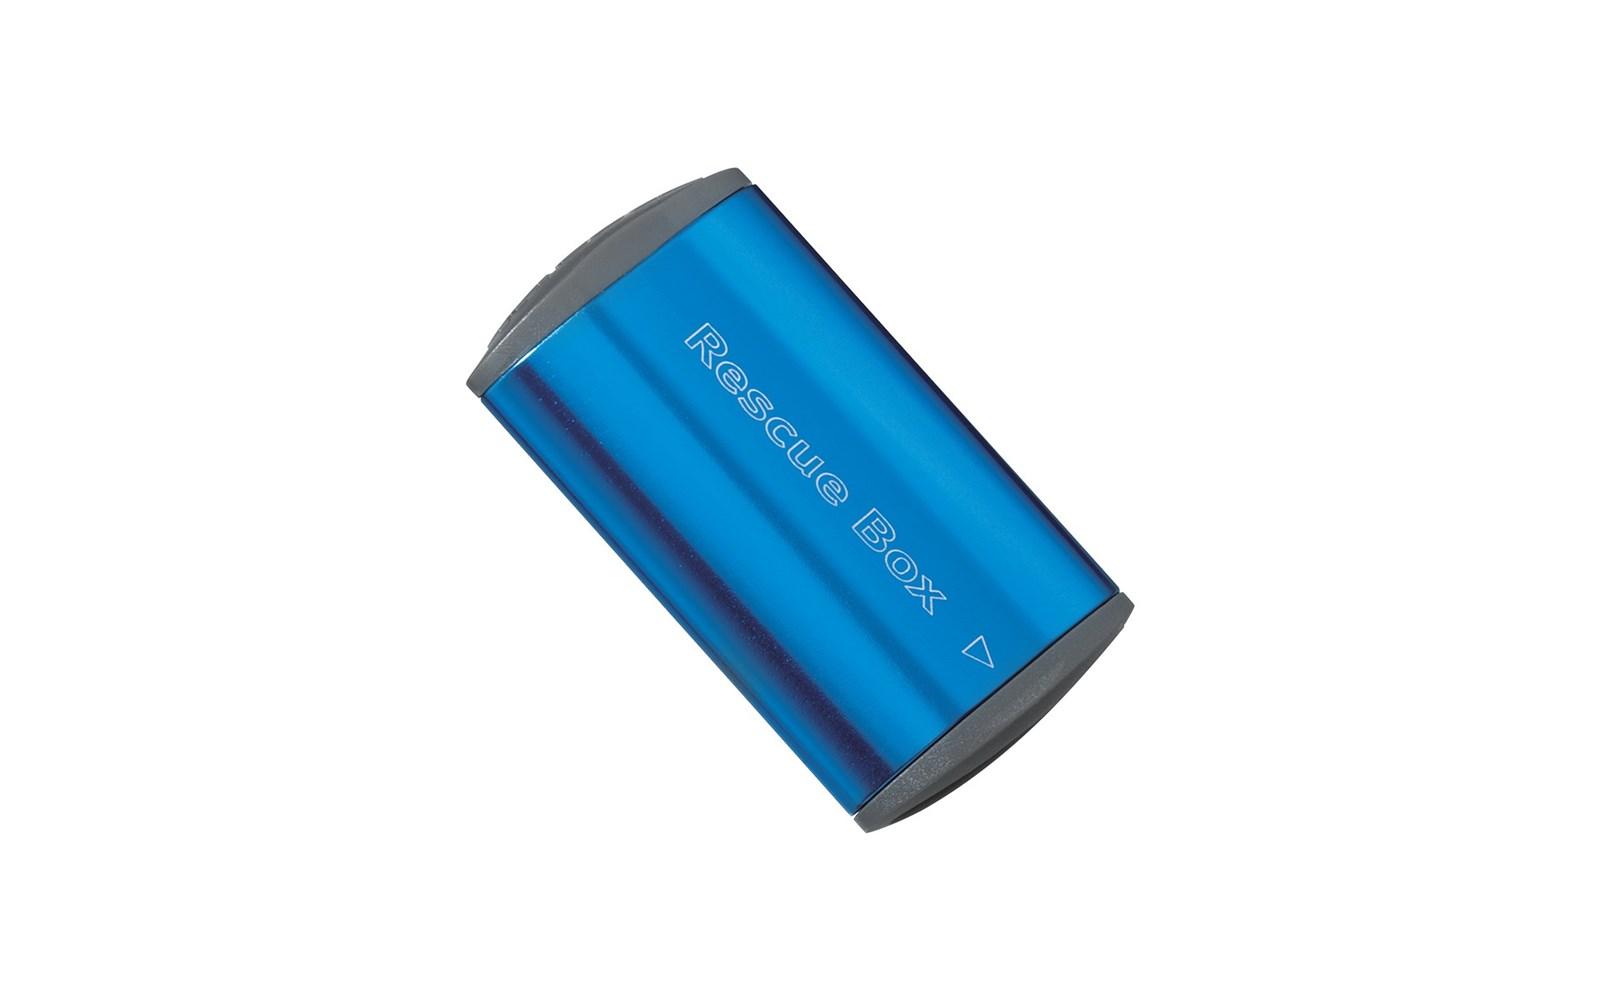 Ремкомплект Topeak Rescue Box Dark Blue за 129900 руб.